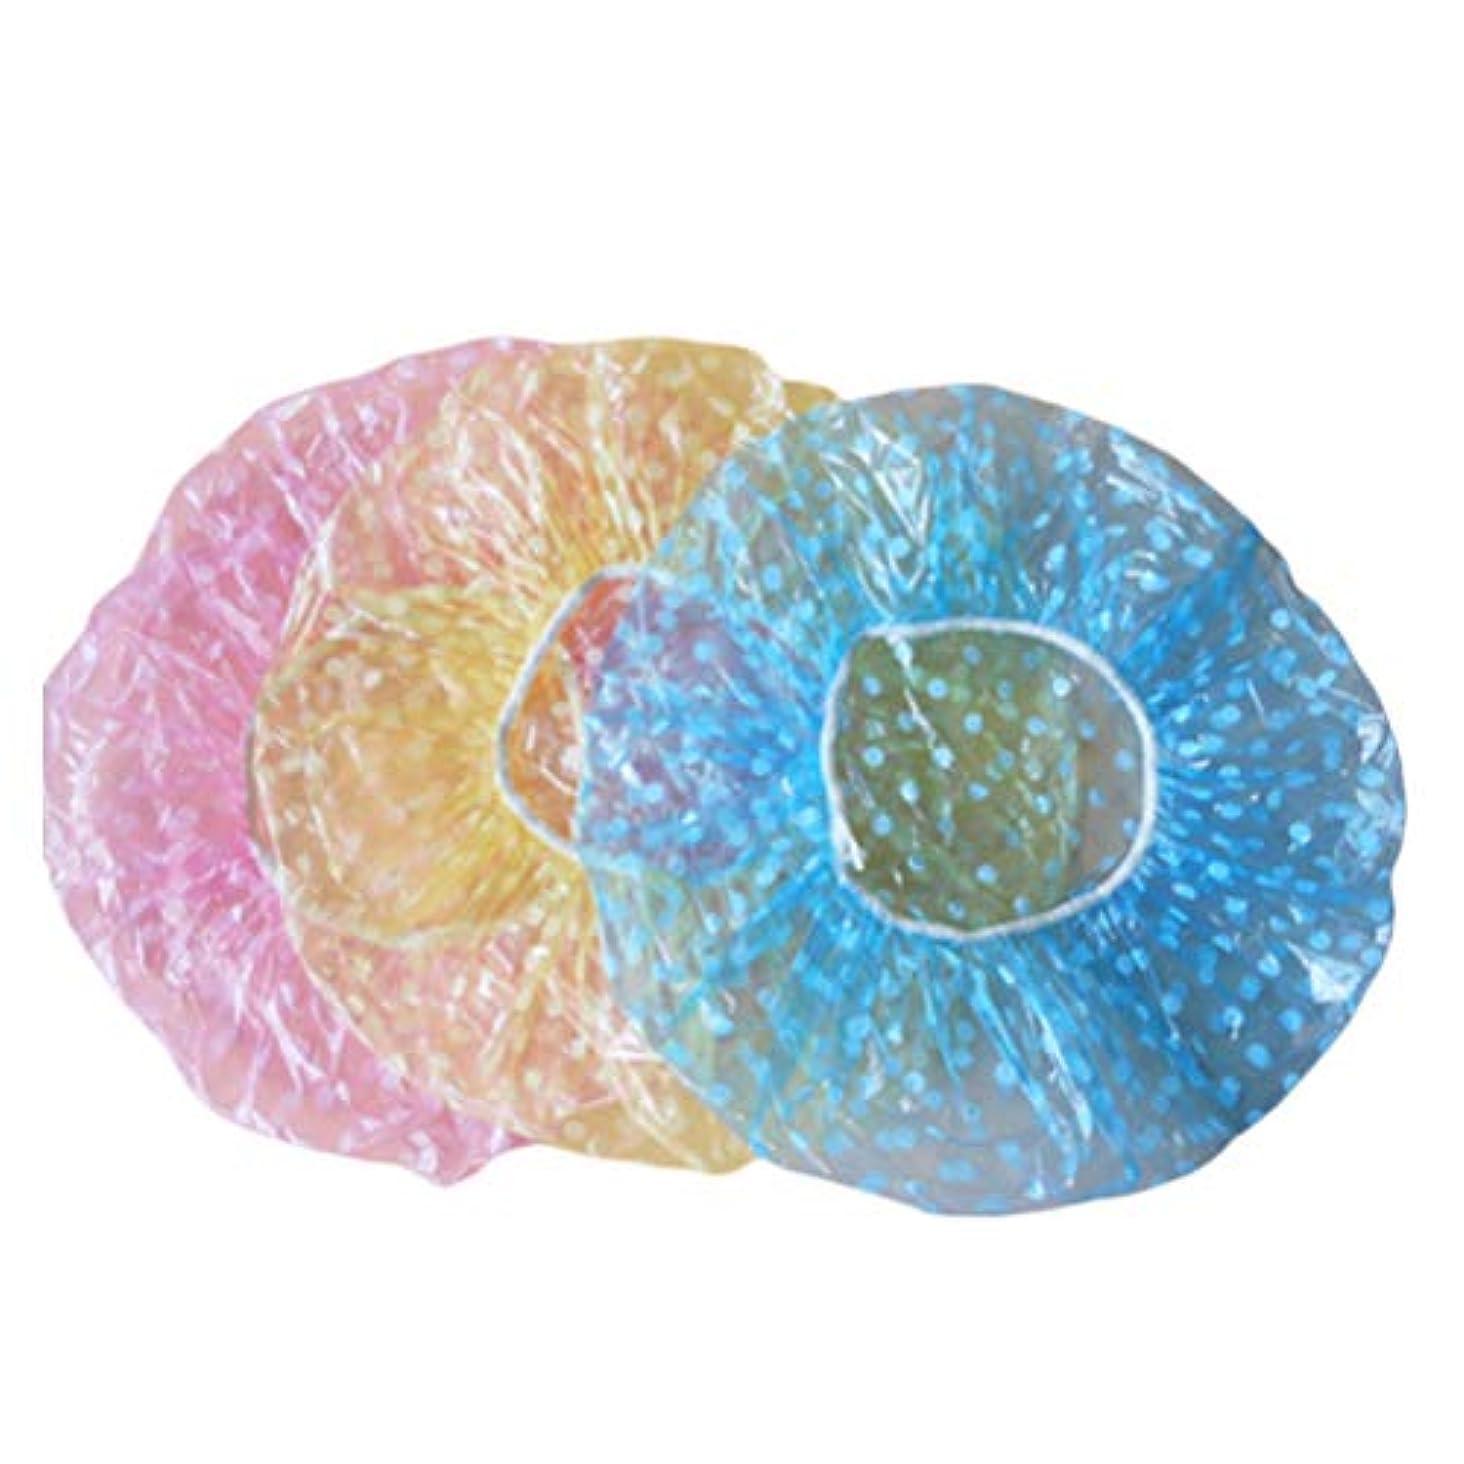 ドメイン柱ハロウィンFrcolor シャワーキャップ お風呂 キャップ レディース 使い捨てキャップ シャワー サロン用 60枚セット(混色)